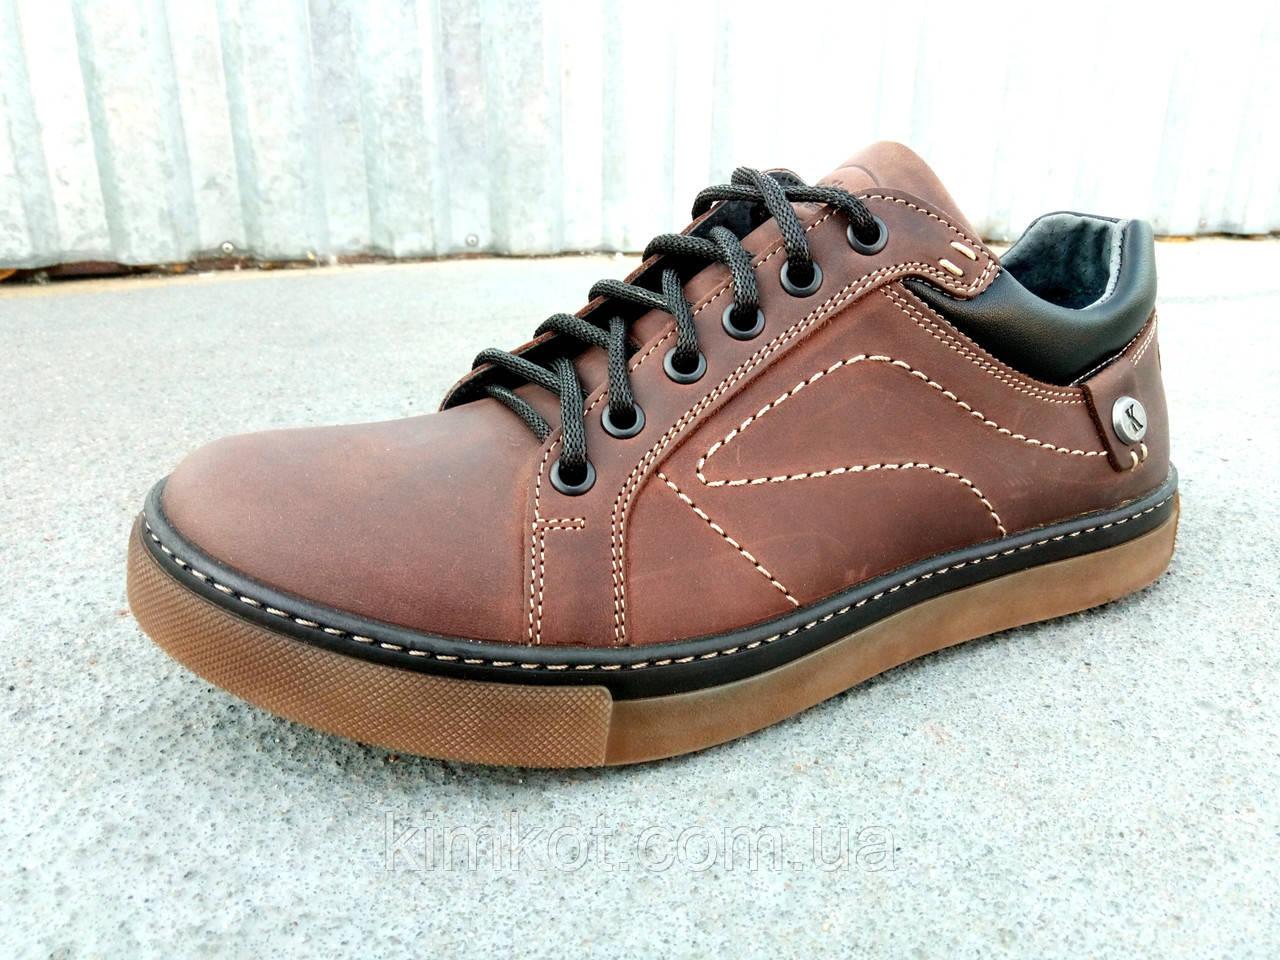 a243bbaf0 Кроссовки мужские кожаные KARDINAL 40 -45 р-р: продажа, цена в ...